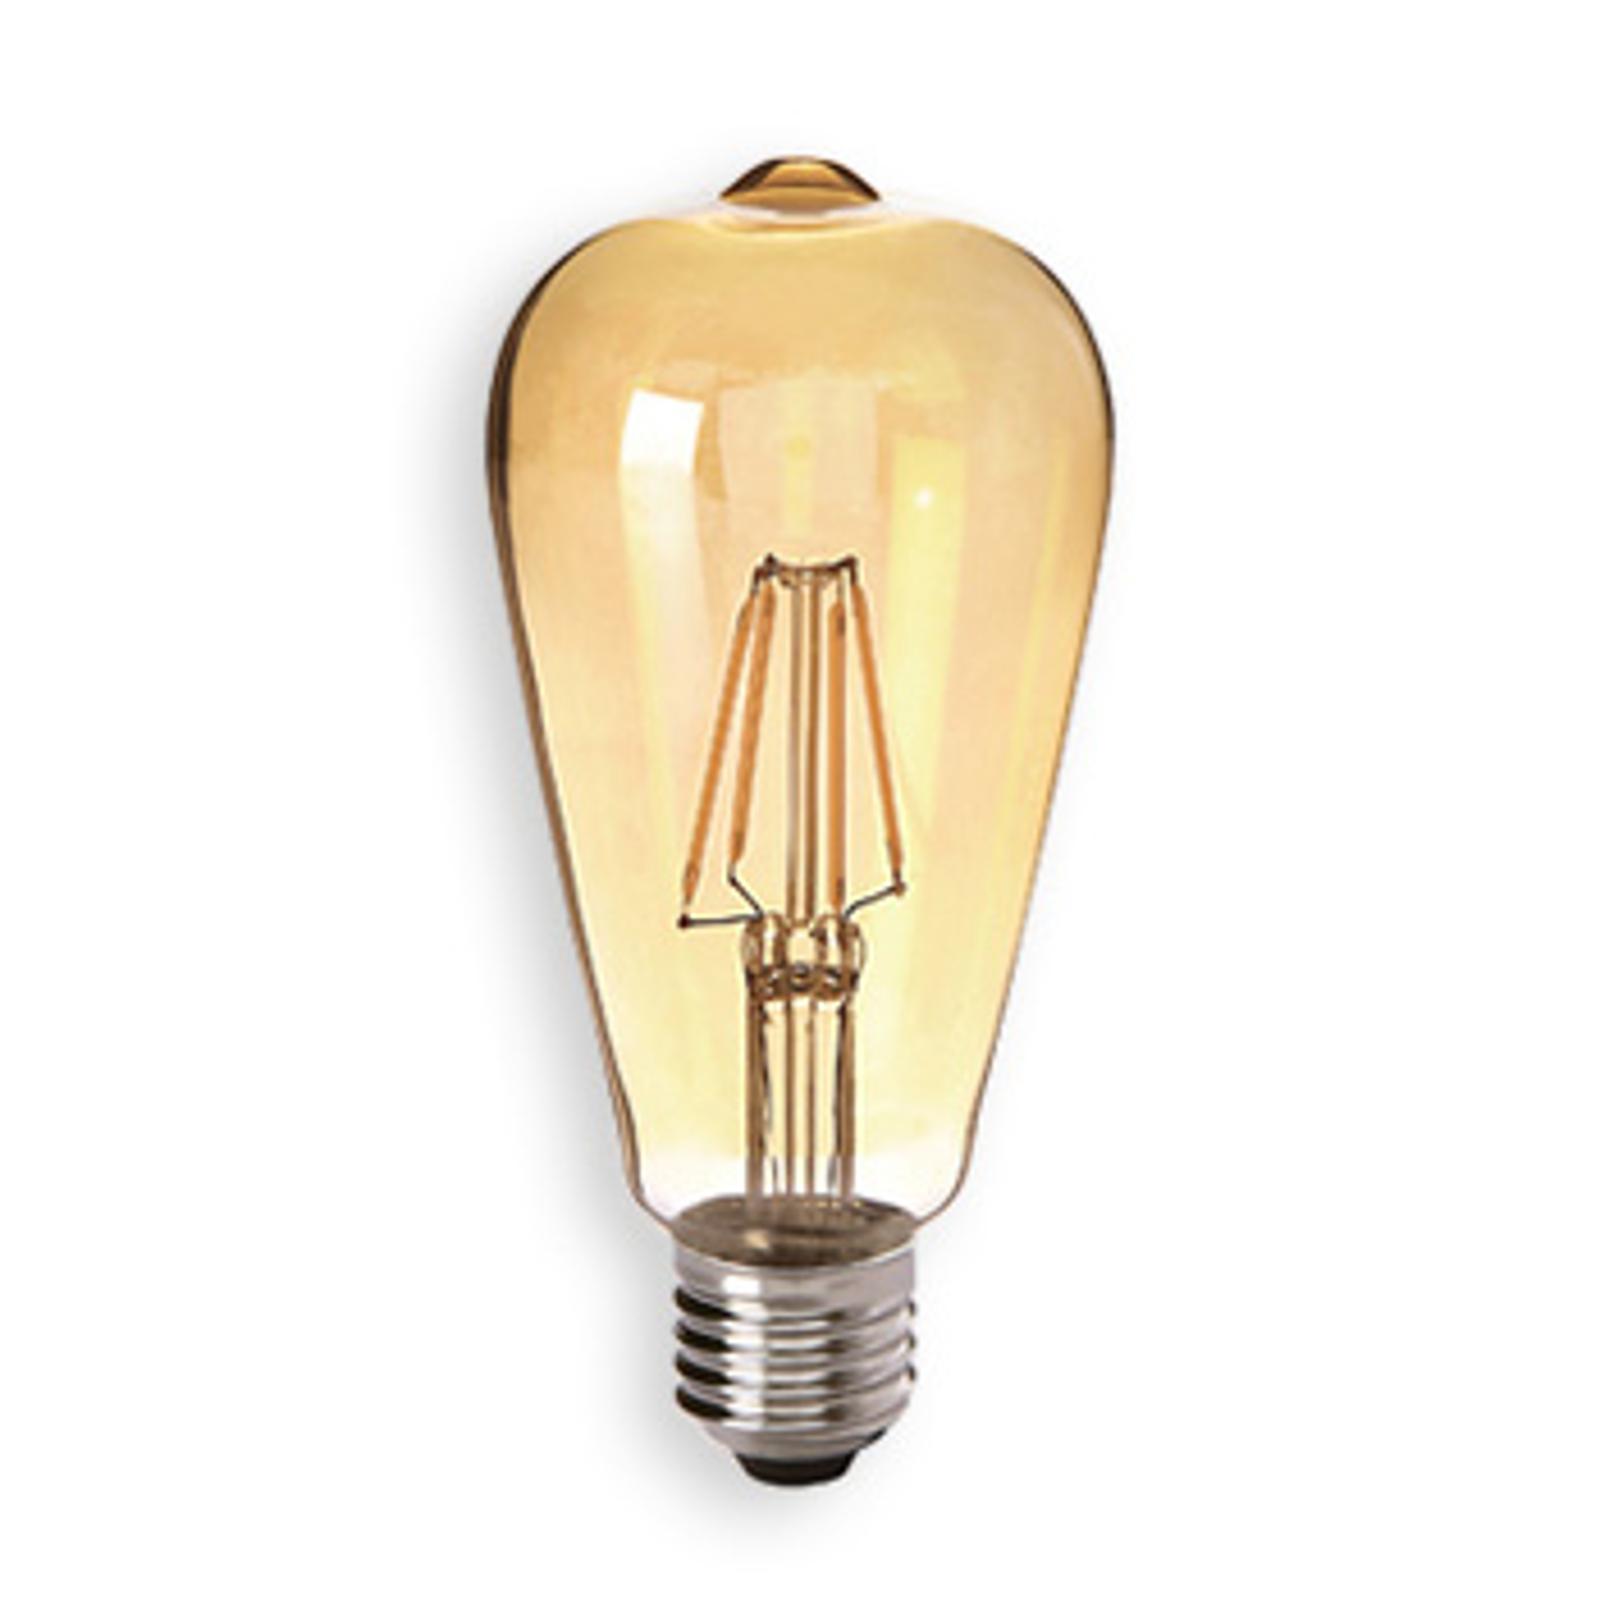 E27 4,5W 825 LED rustik lyspære guld, klar